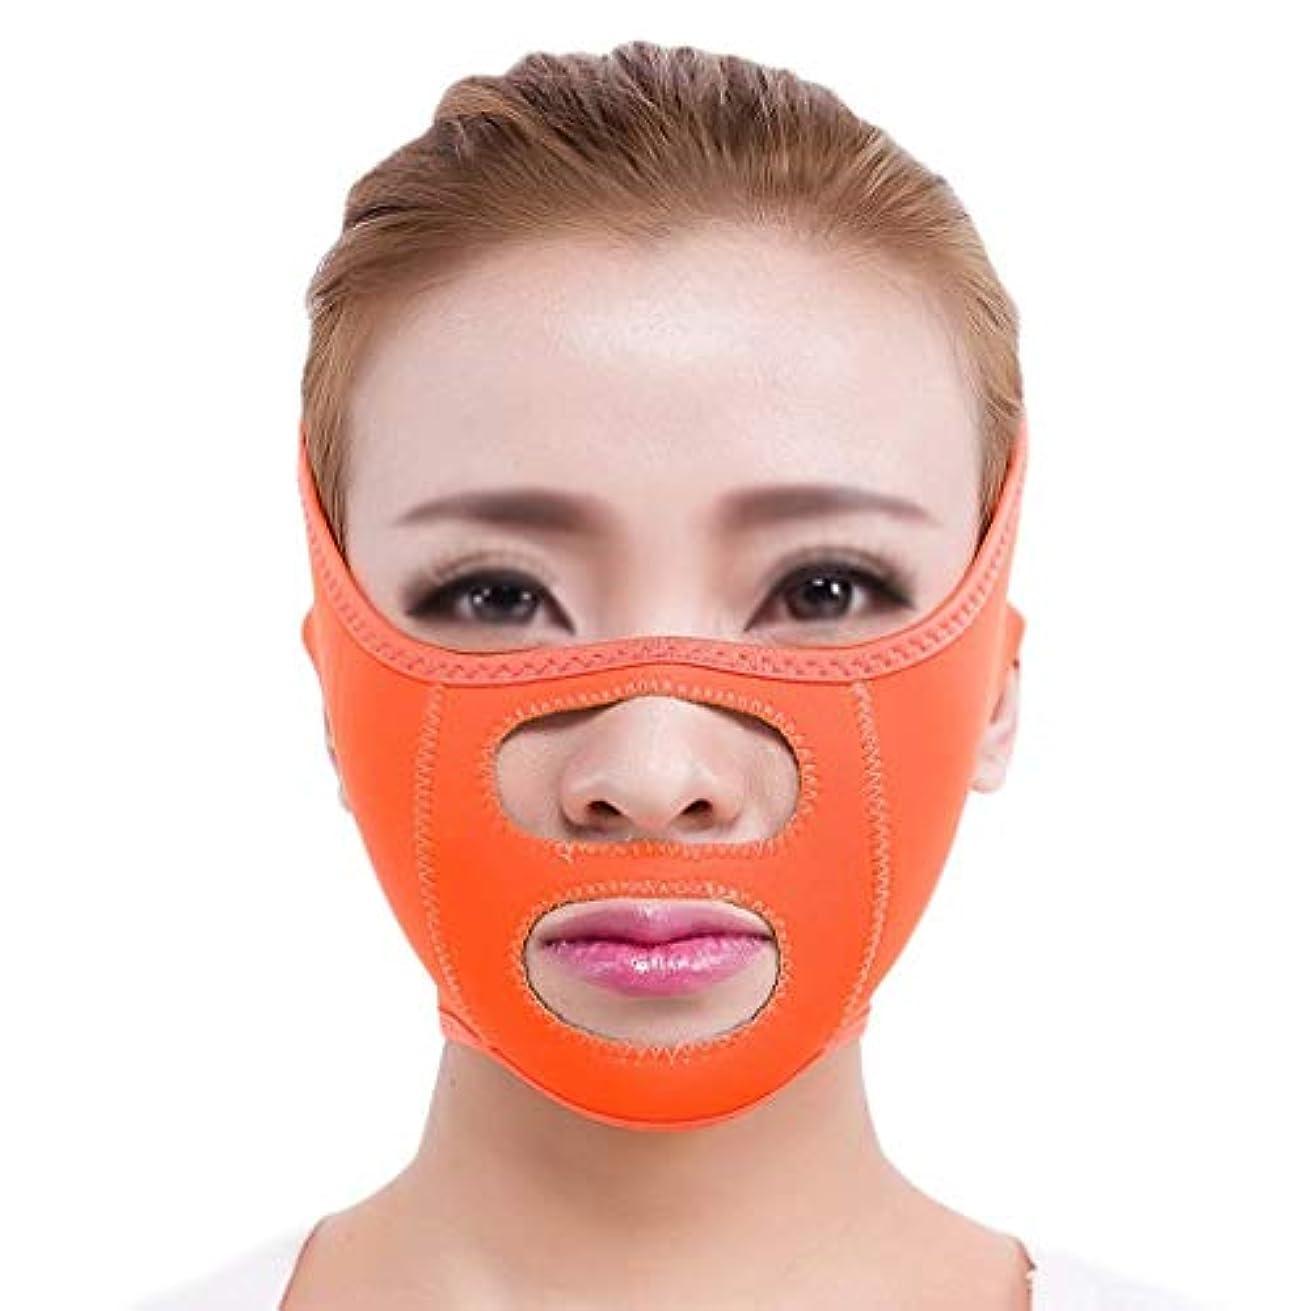 小道具スタジオピンクチンストラップ、フェイスリフティングマスク、ダブルチン、フェイスリフティングに最適、リフティングフェイシャルスキン、フェイシャル減量マスク、フェイスリフティングベルト(フリーサイズ)(カラー:ブルー),オレンジ